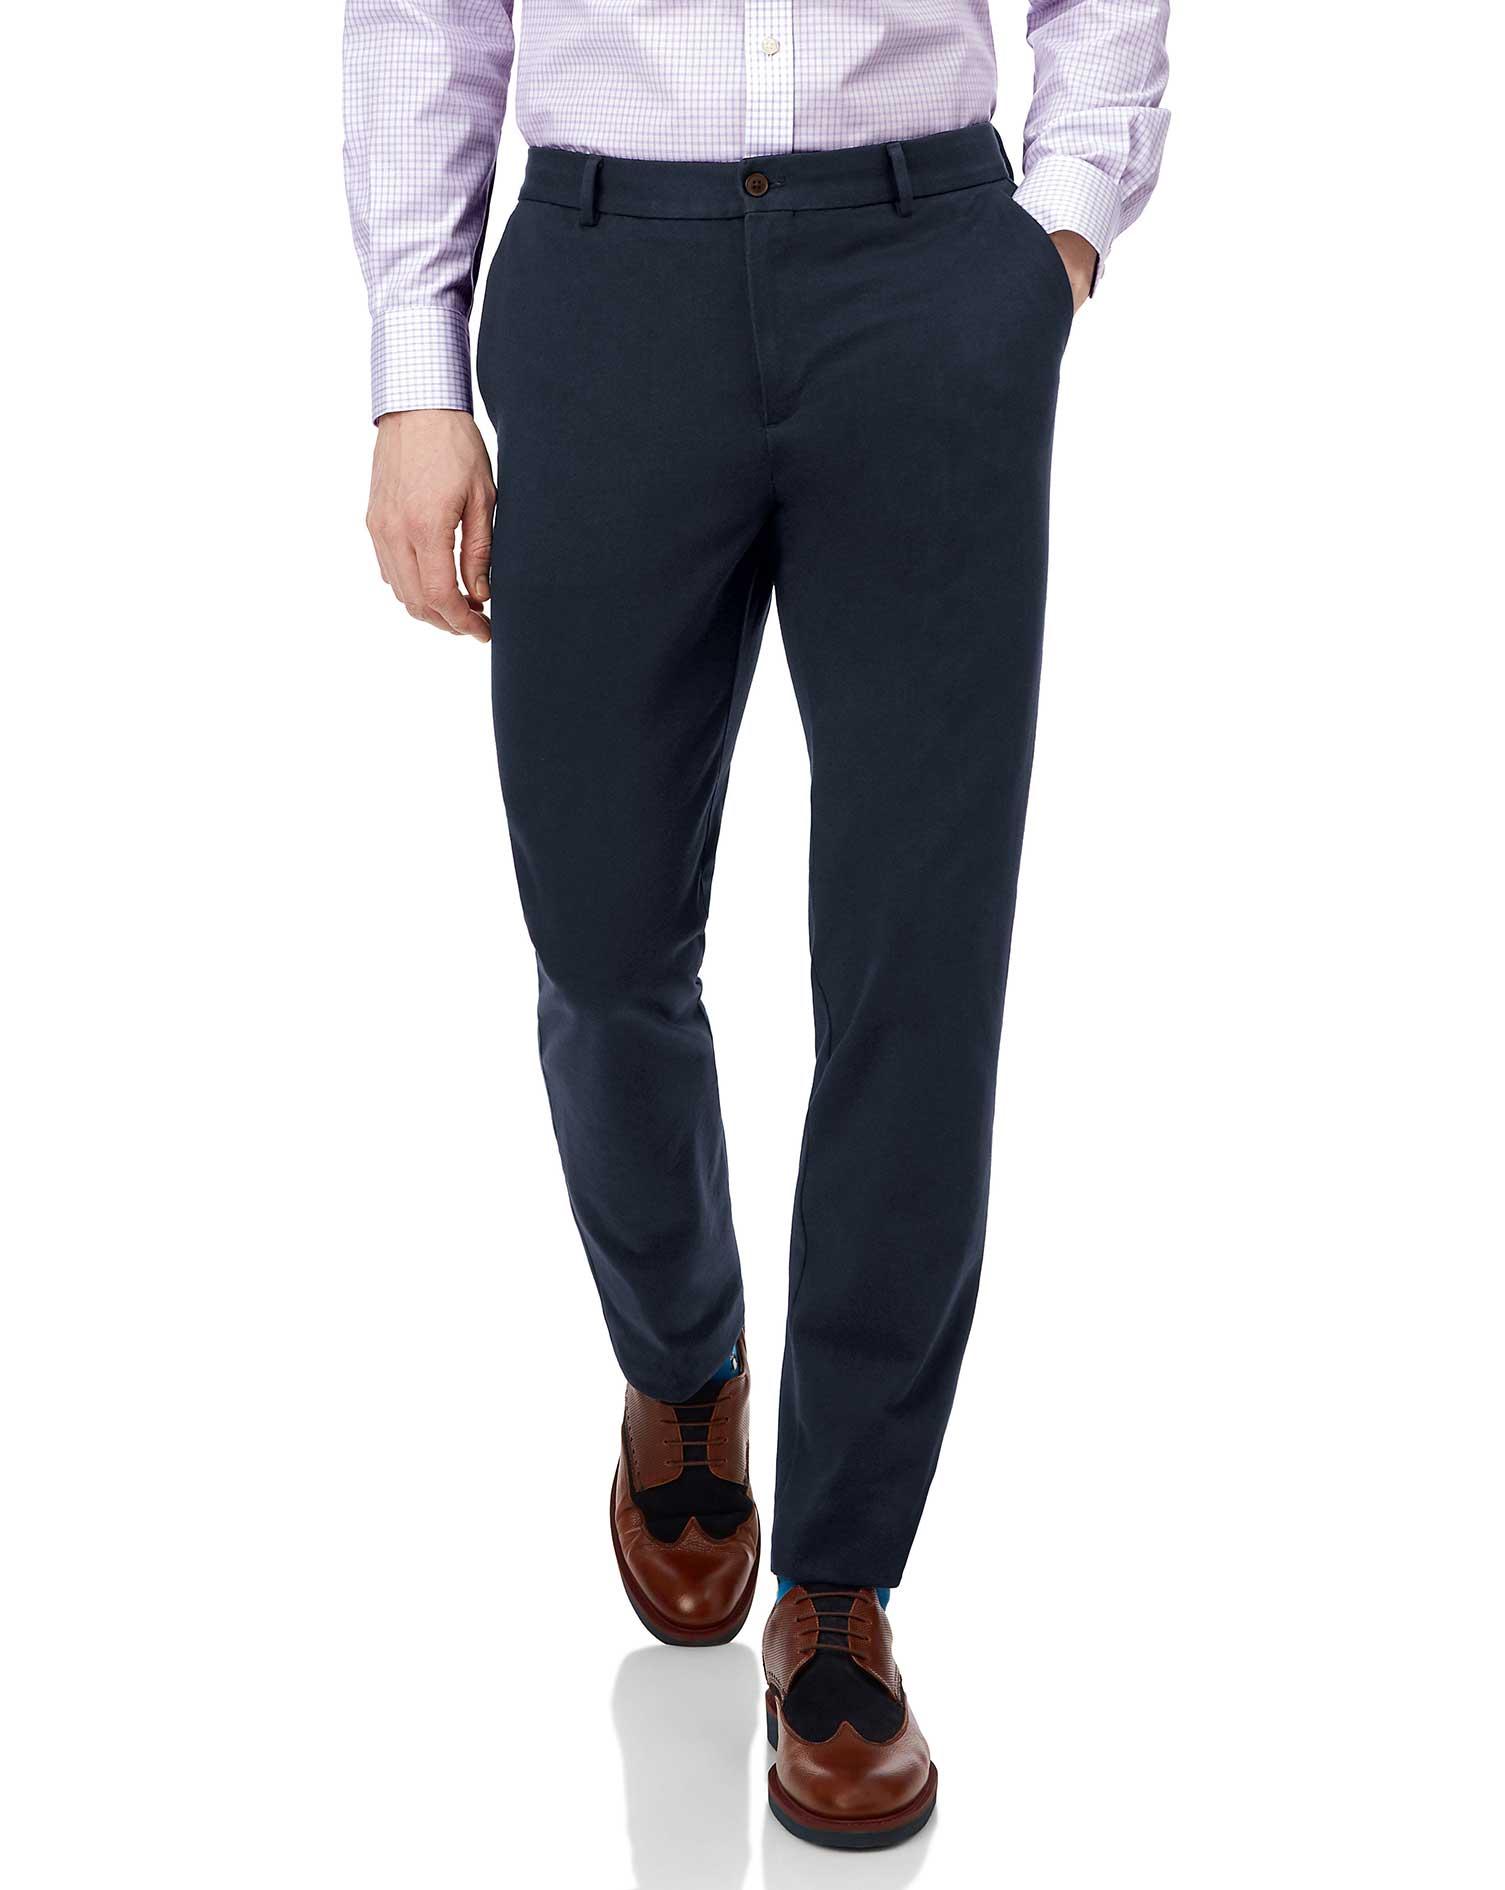 Cotton Navy Non-Iron Travel Trouser